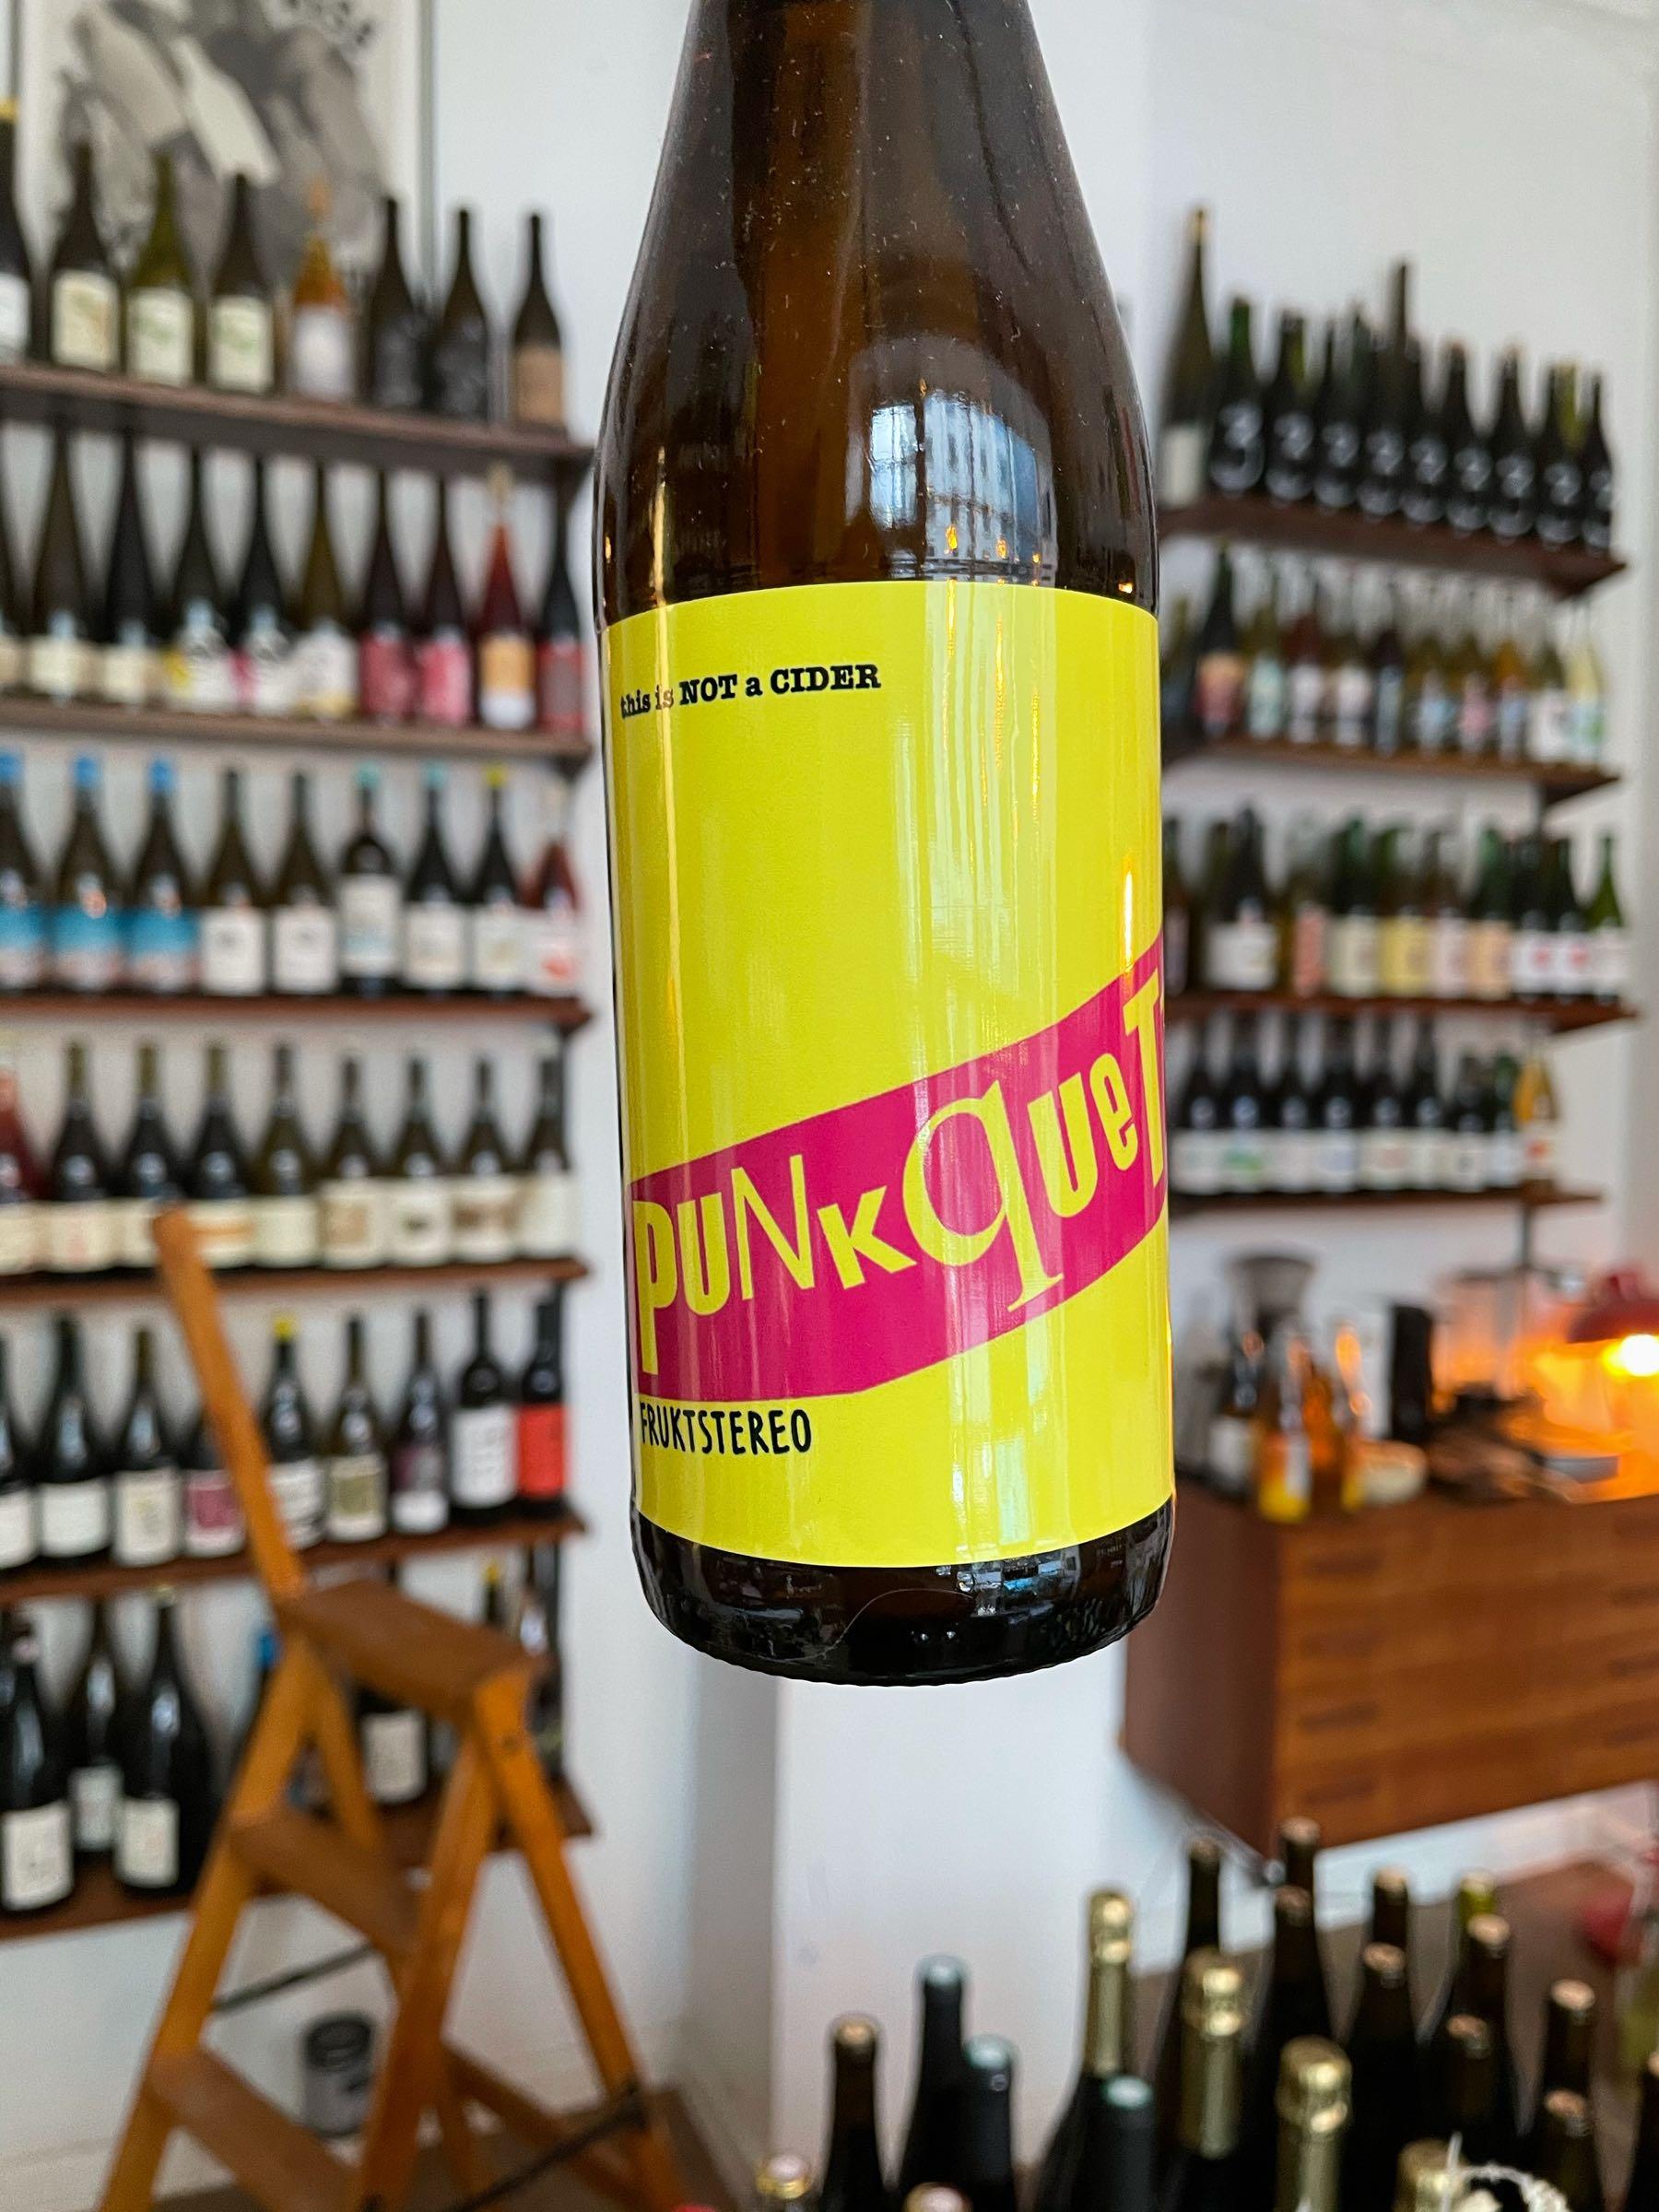 Punkquette 0,33l - Fruktstereo